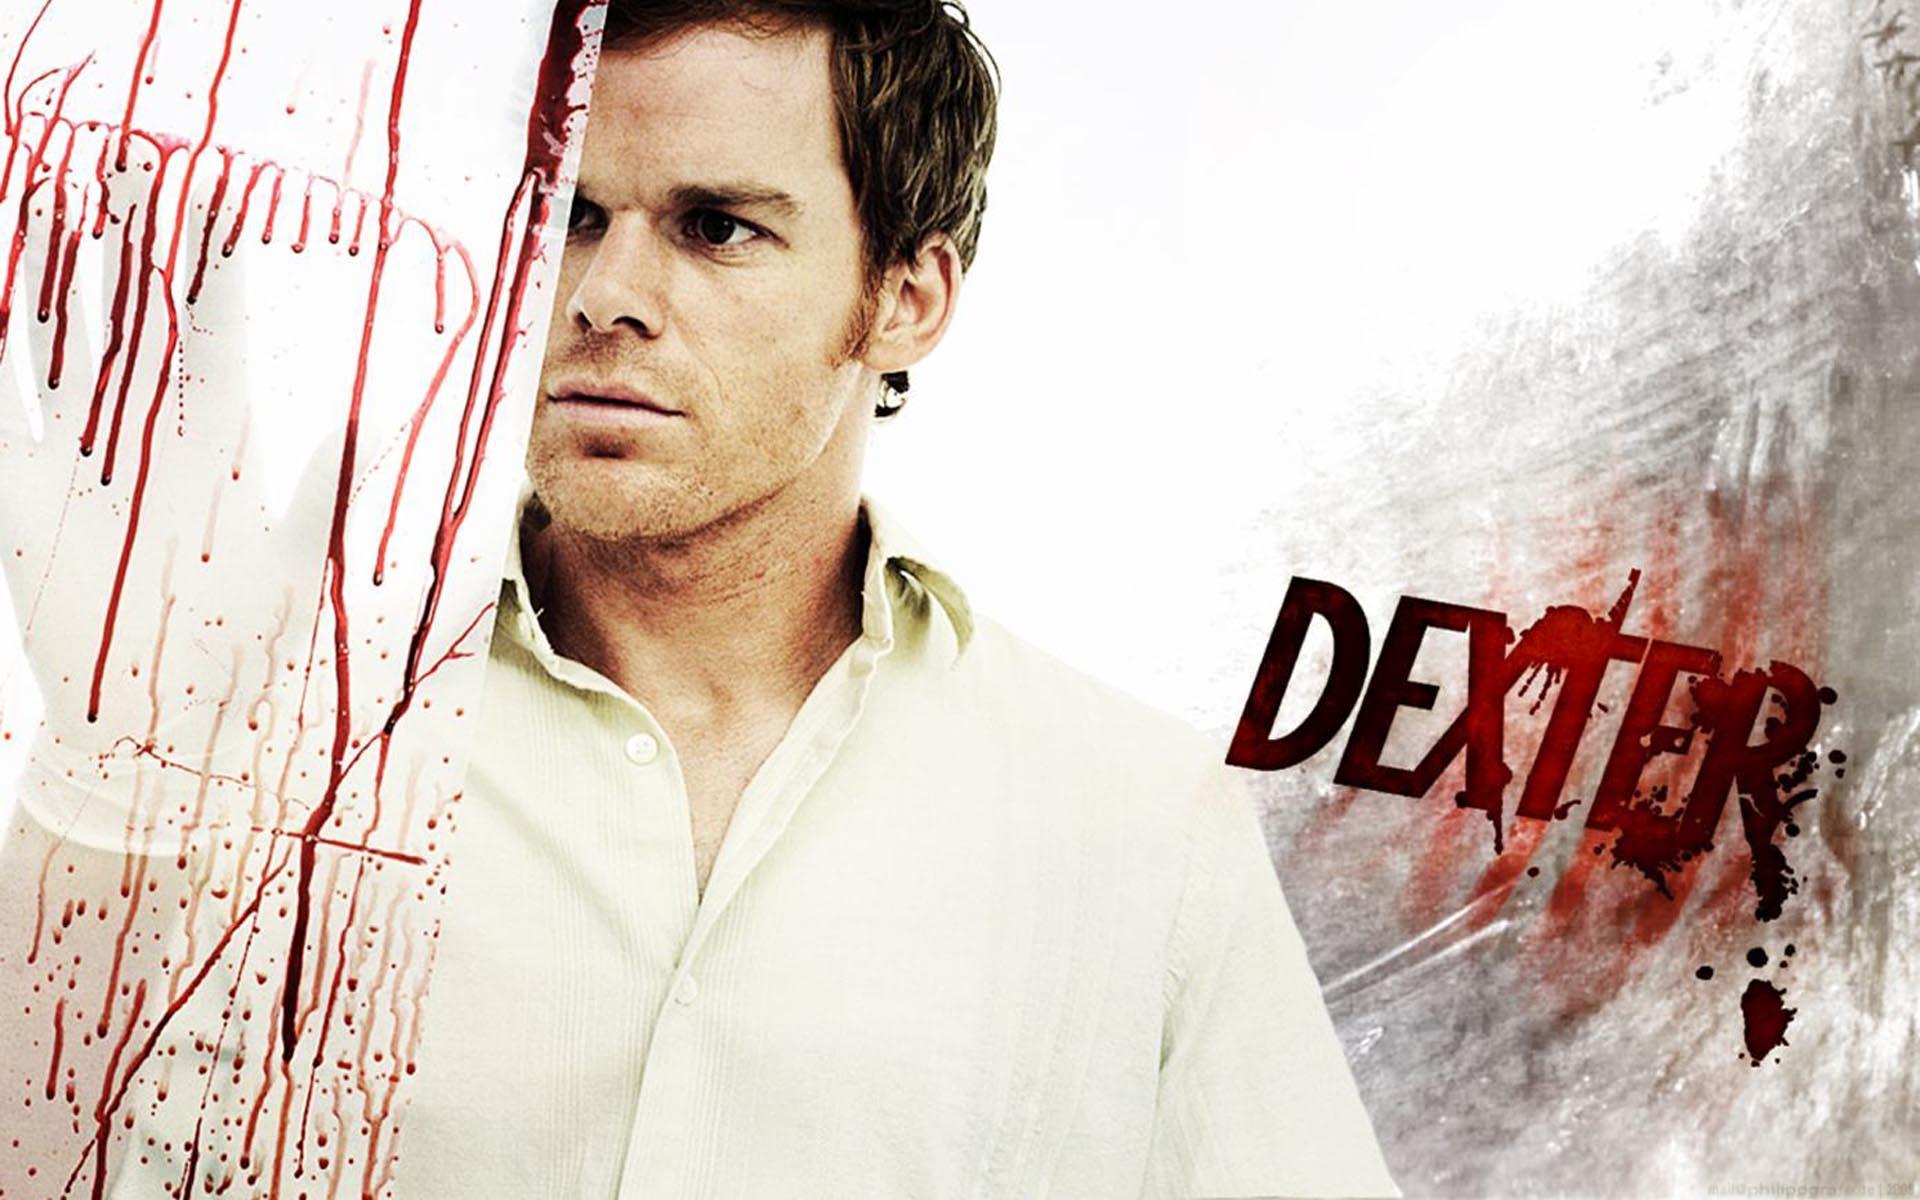 Dexter 1. séria online seriál